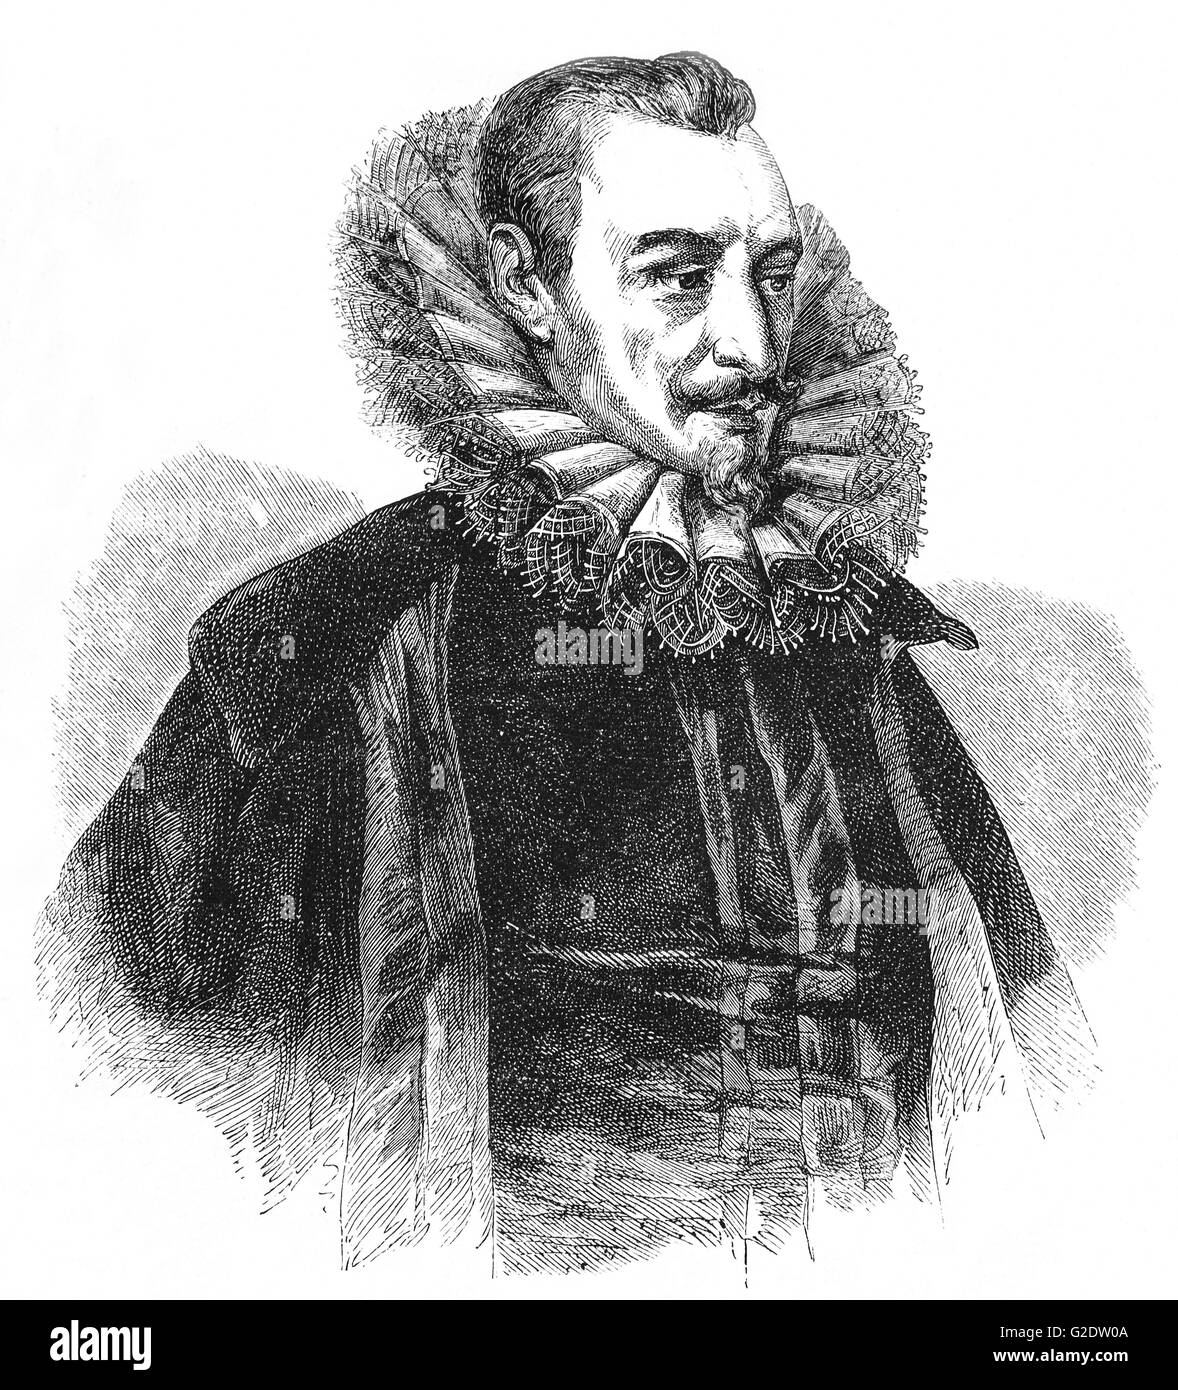 Edmund Spenser(1552-1599) war ein englischer Dichter am besten bekannt für The Faerie Robert, ein episches Stockbild